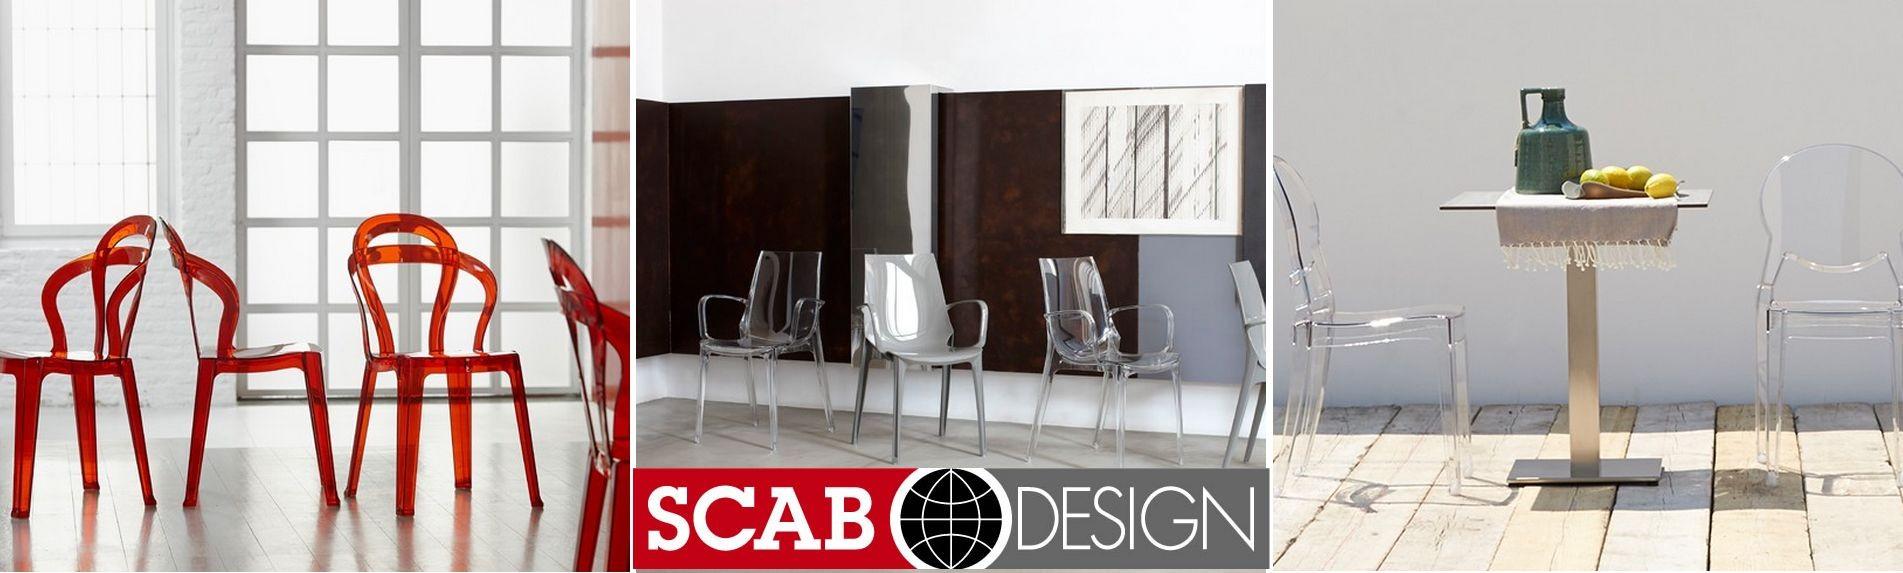 Scab Design